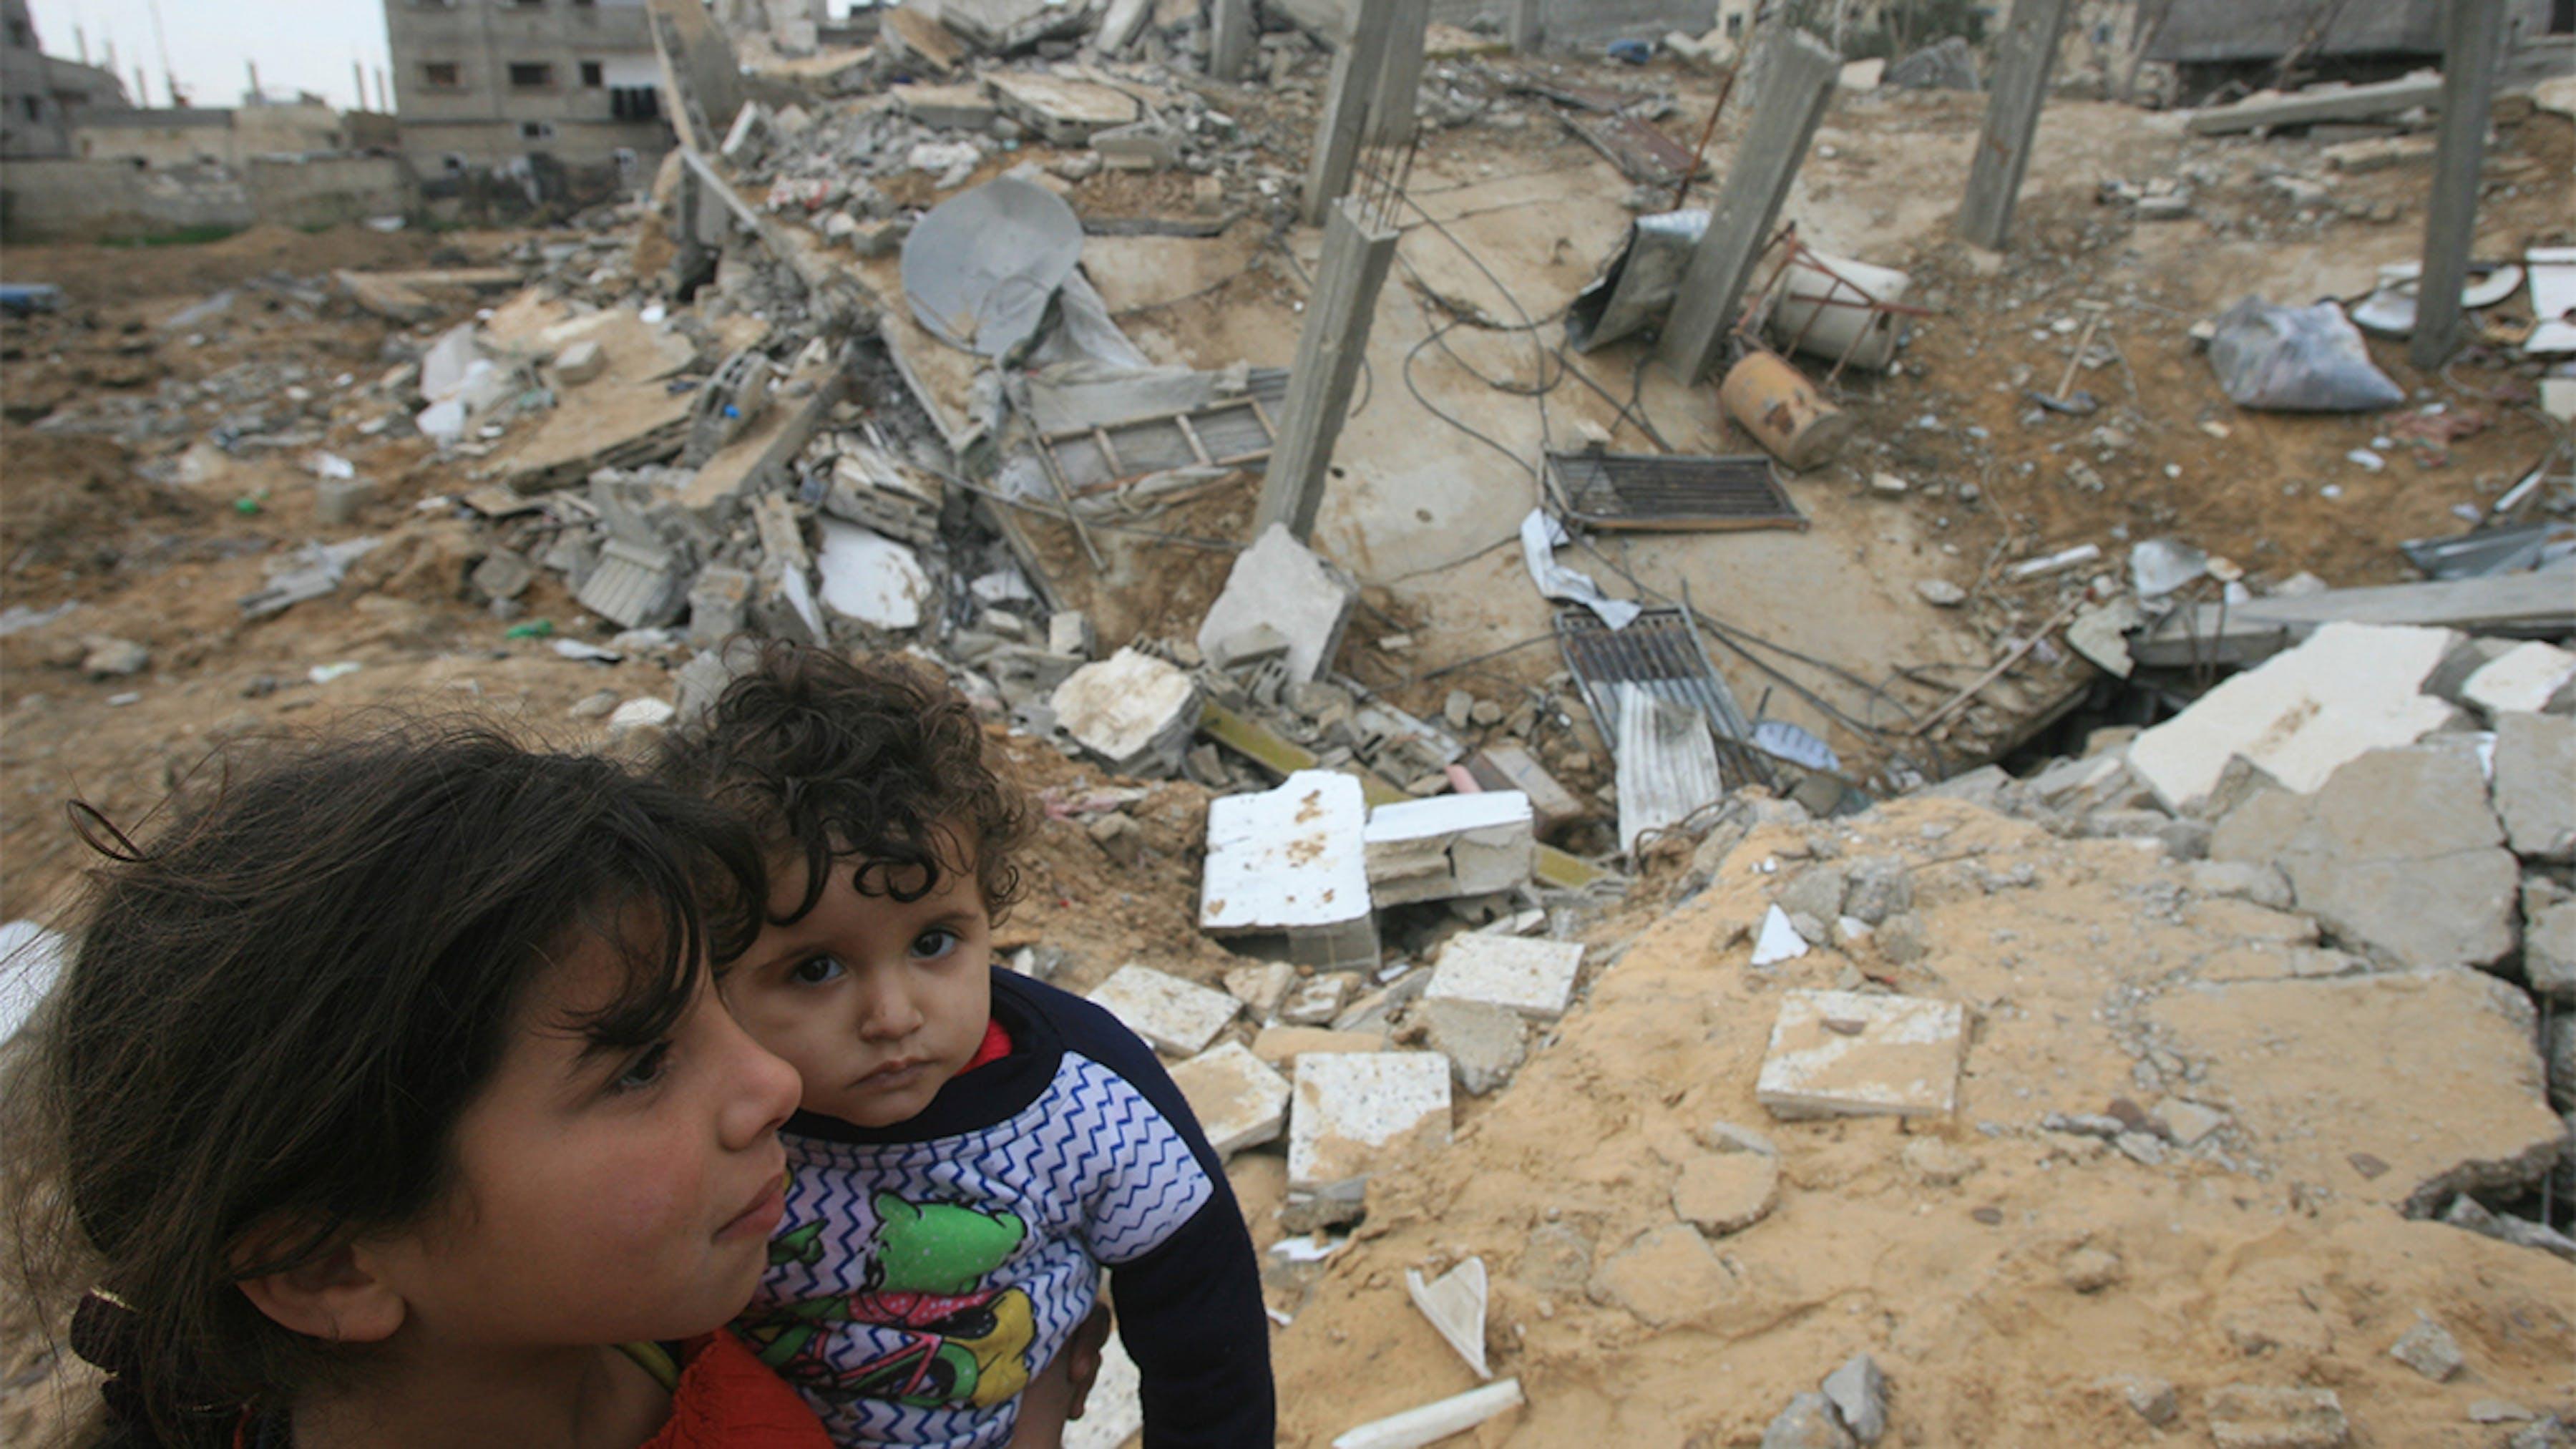 Palestina, bambini camminano in mezzo agli edifici distrutti.